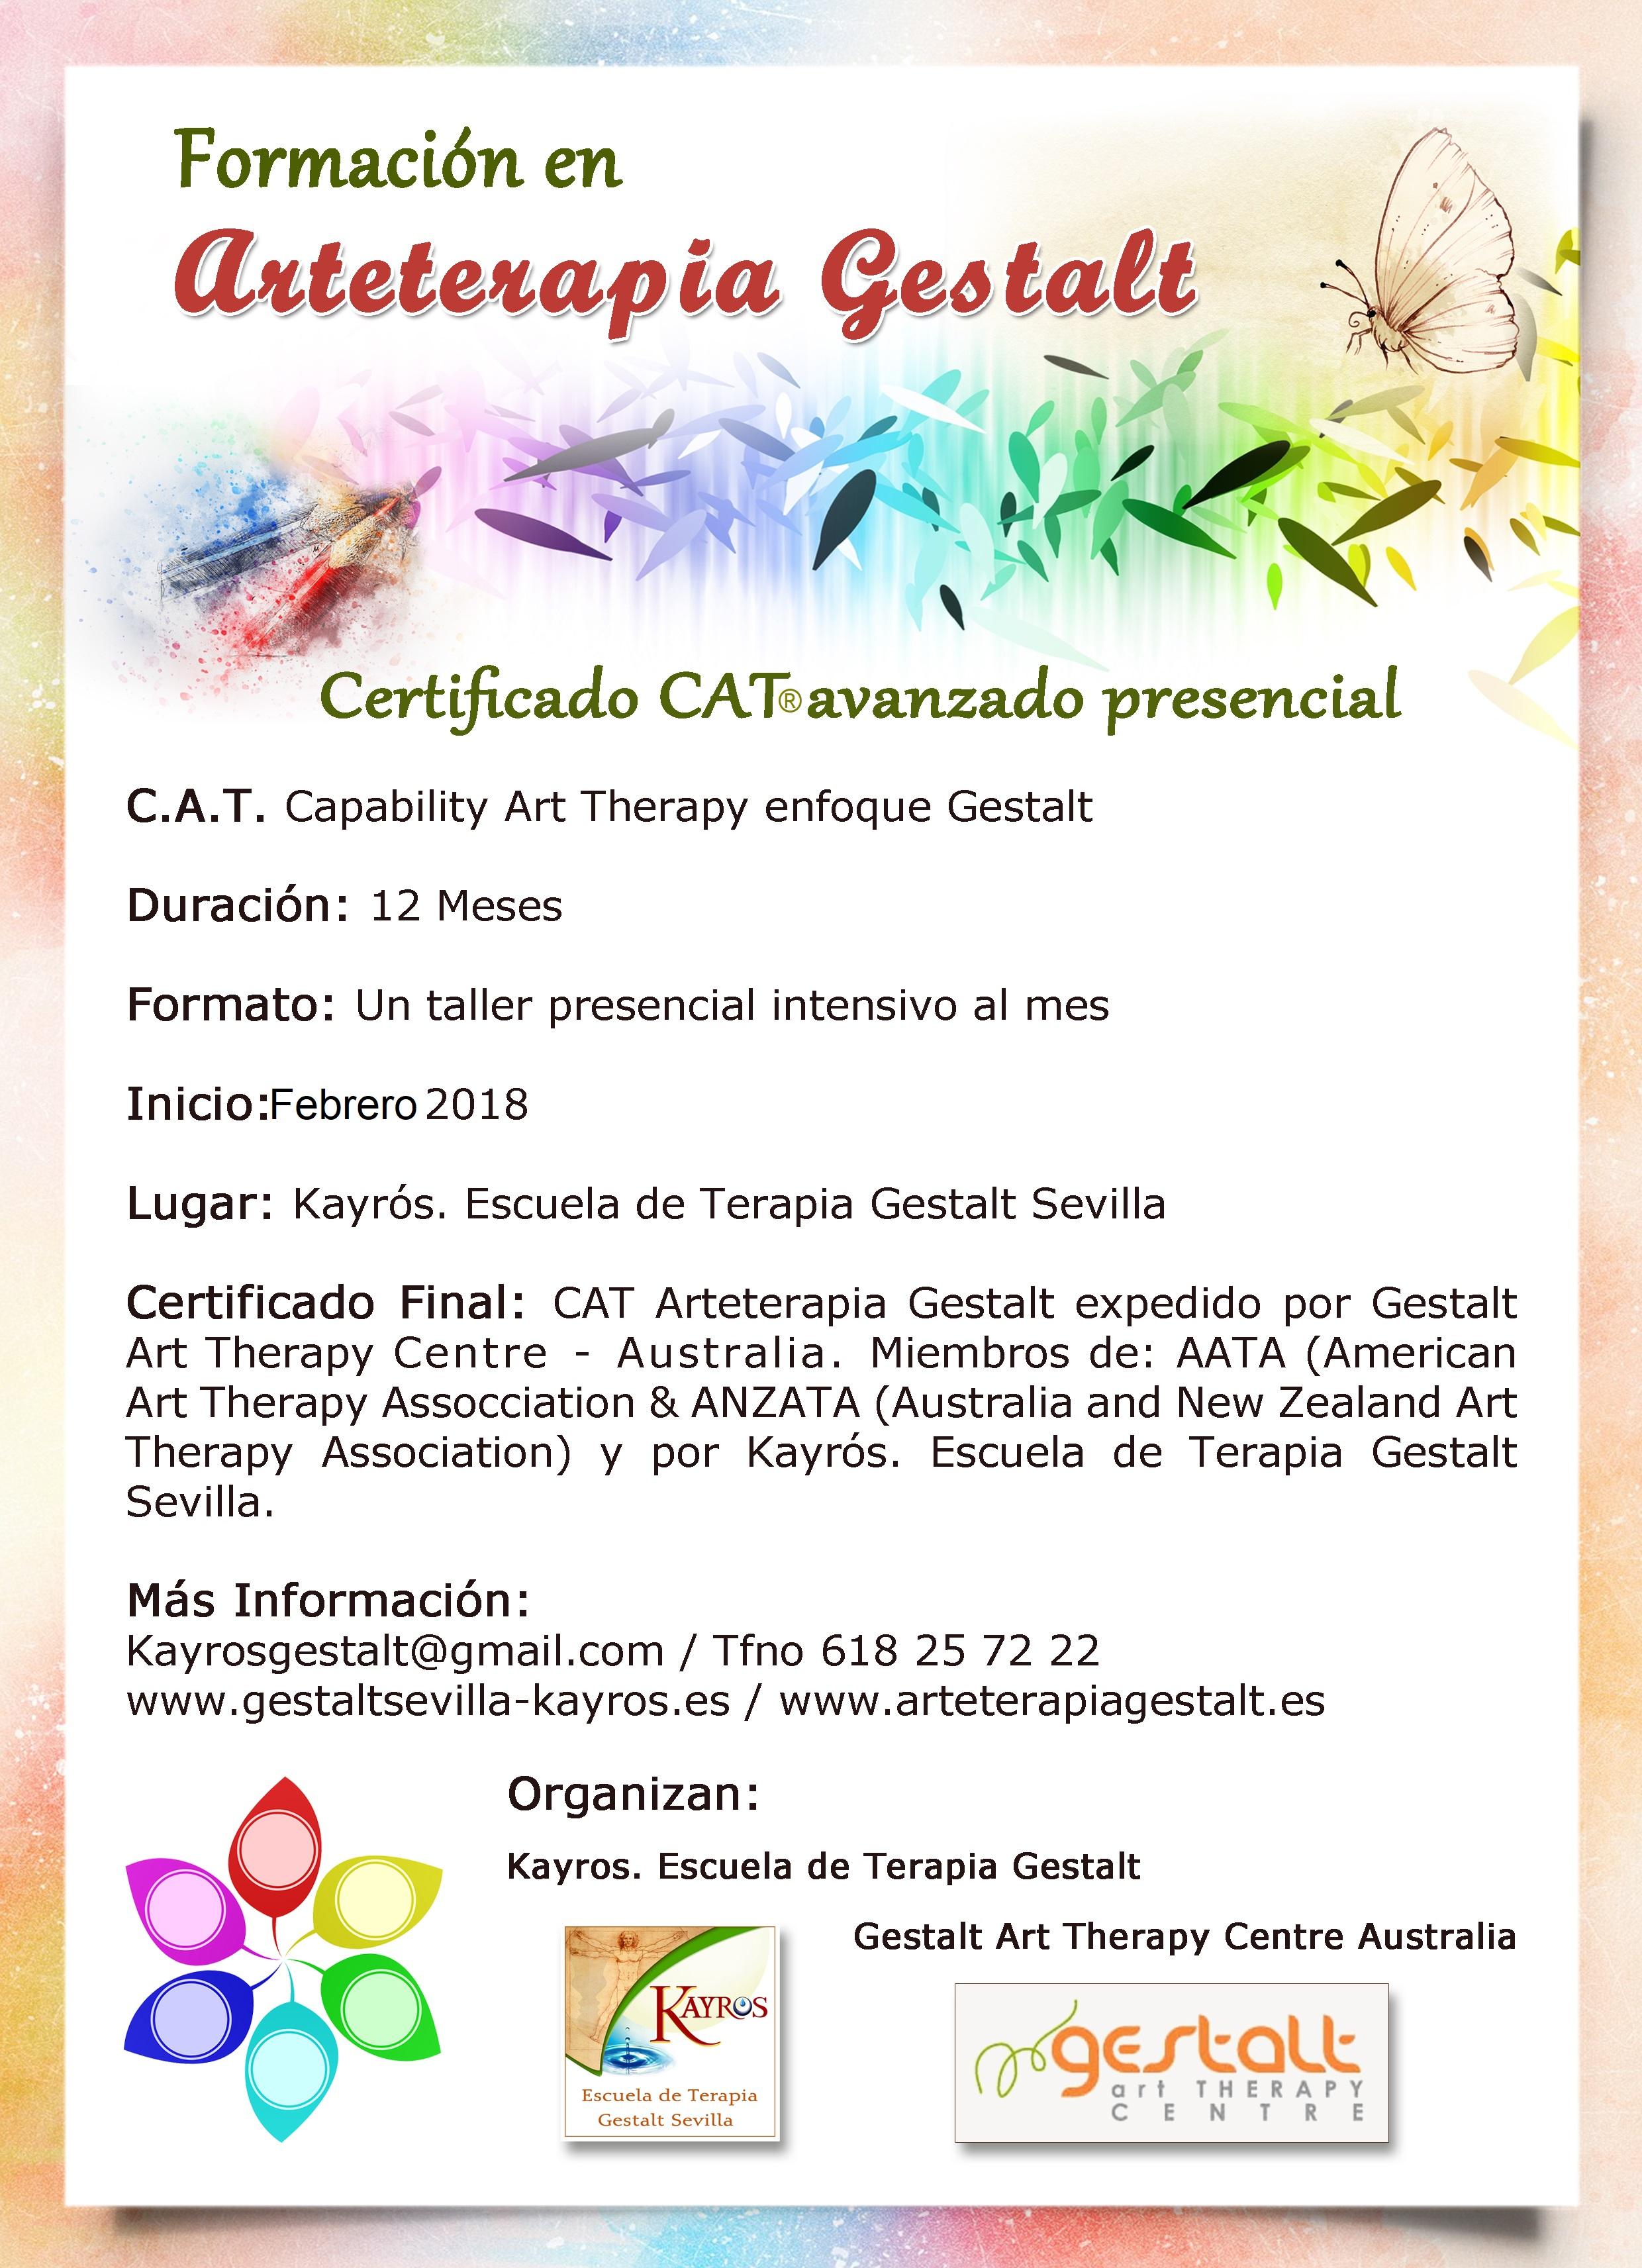 foto #1 de entrada del blog: 2018 Formación CAT® PRESENCIAL AVANZADO Arteterapia Gestalt en Kayrós Escuela de Terapia Gestalt- SEVILLA- España Capability Art Therapy enfoque Gestalt